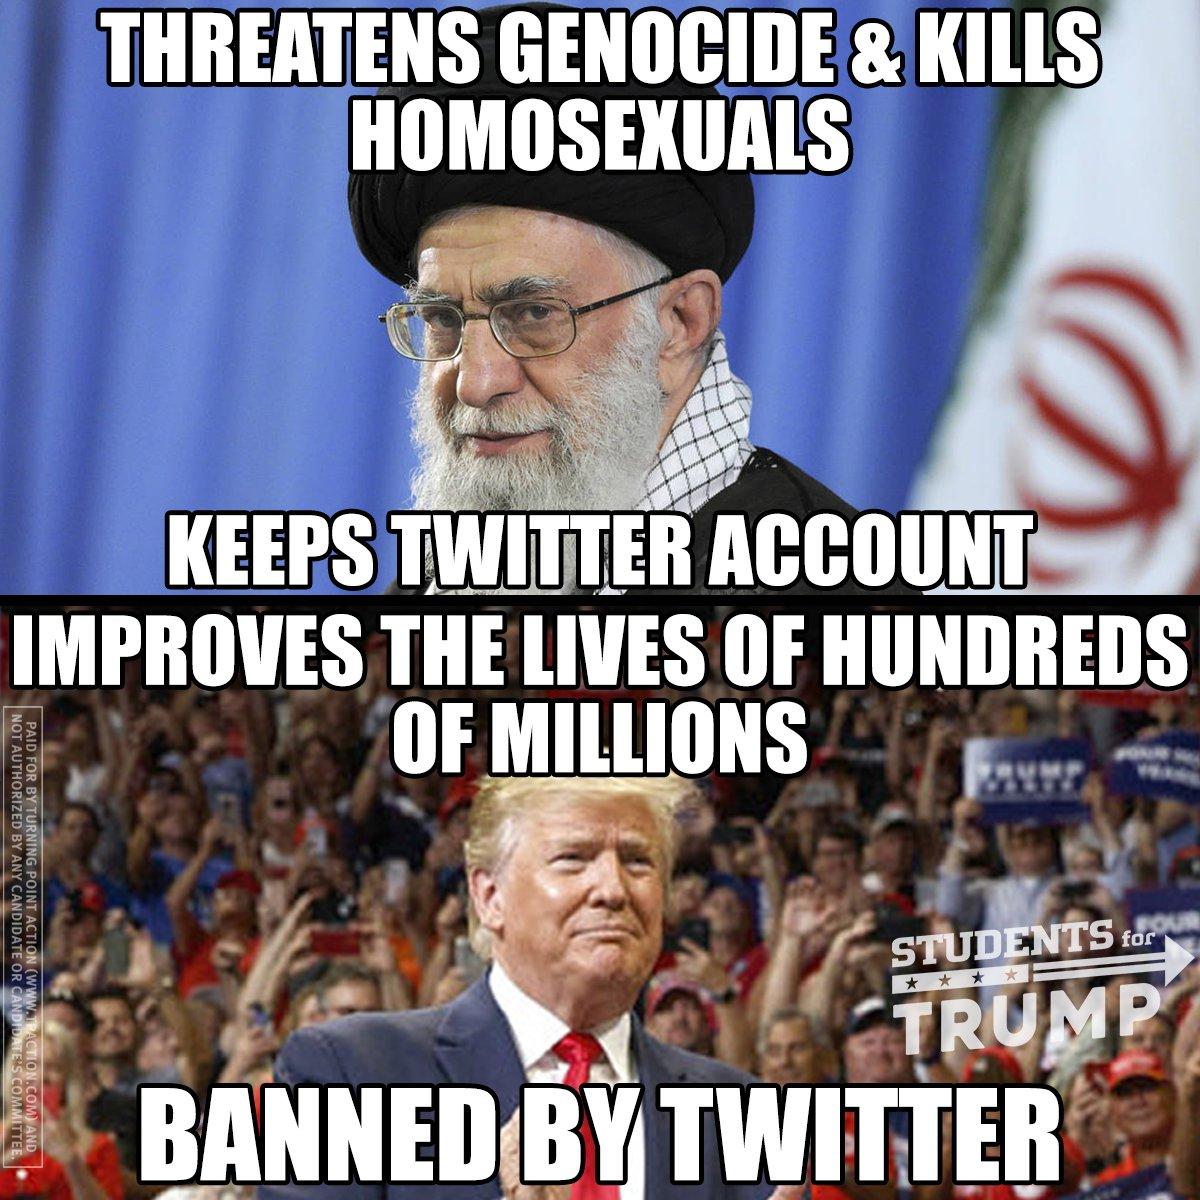 The hypocrisy is so real... https://t.co/NQvsPA6c5F